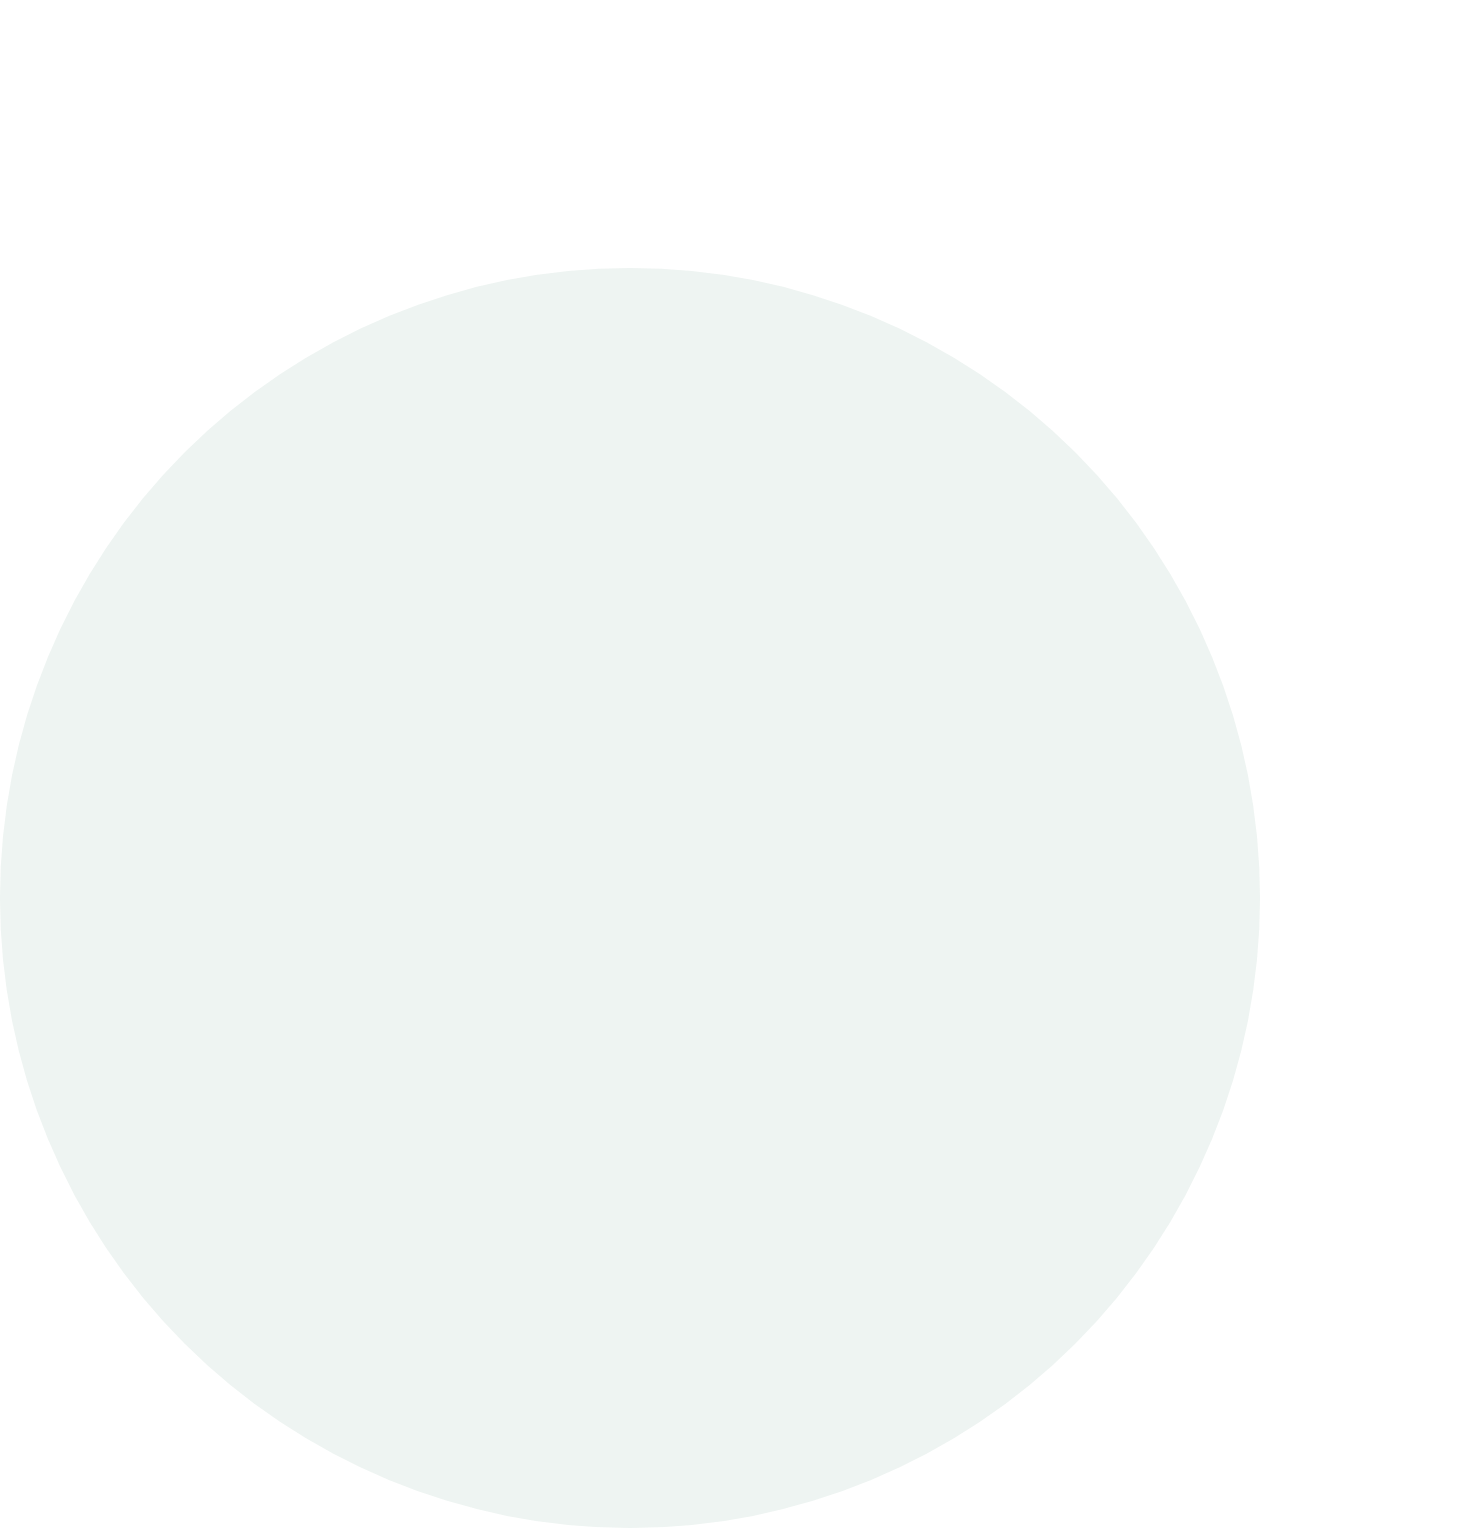 Circle-green-three-min